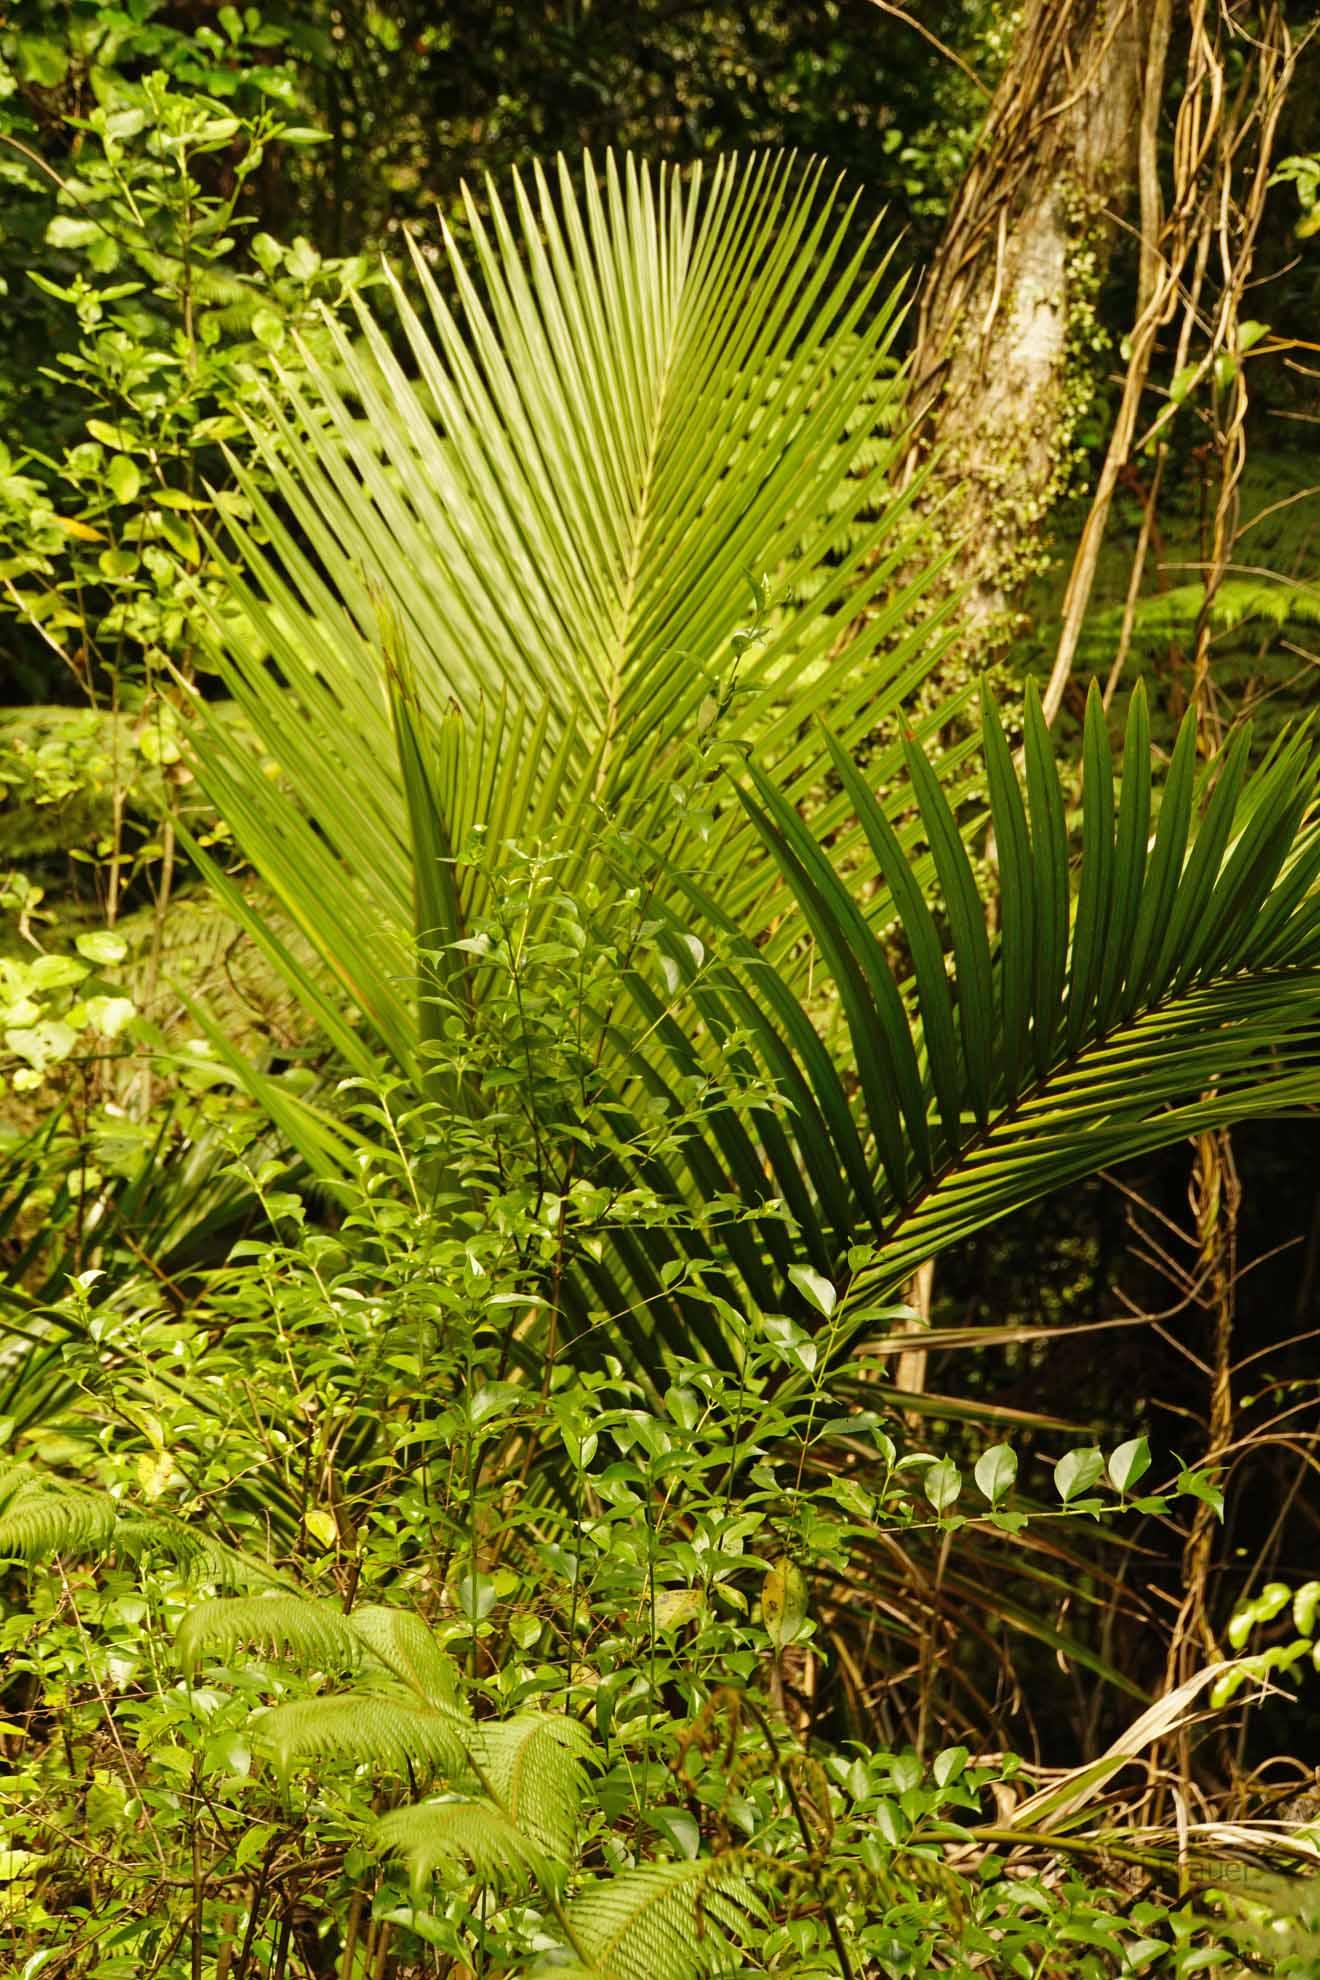 Viele verschiedene Grüntöne im Regenwald